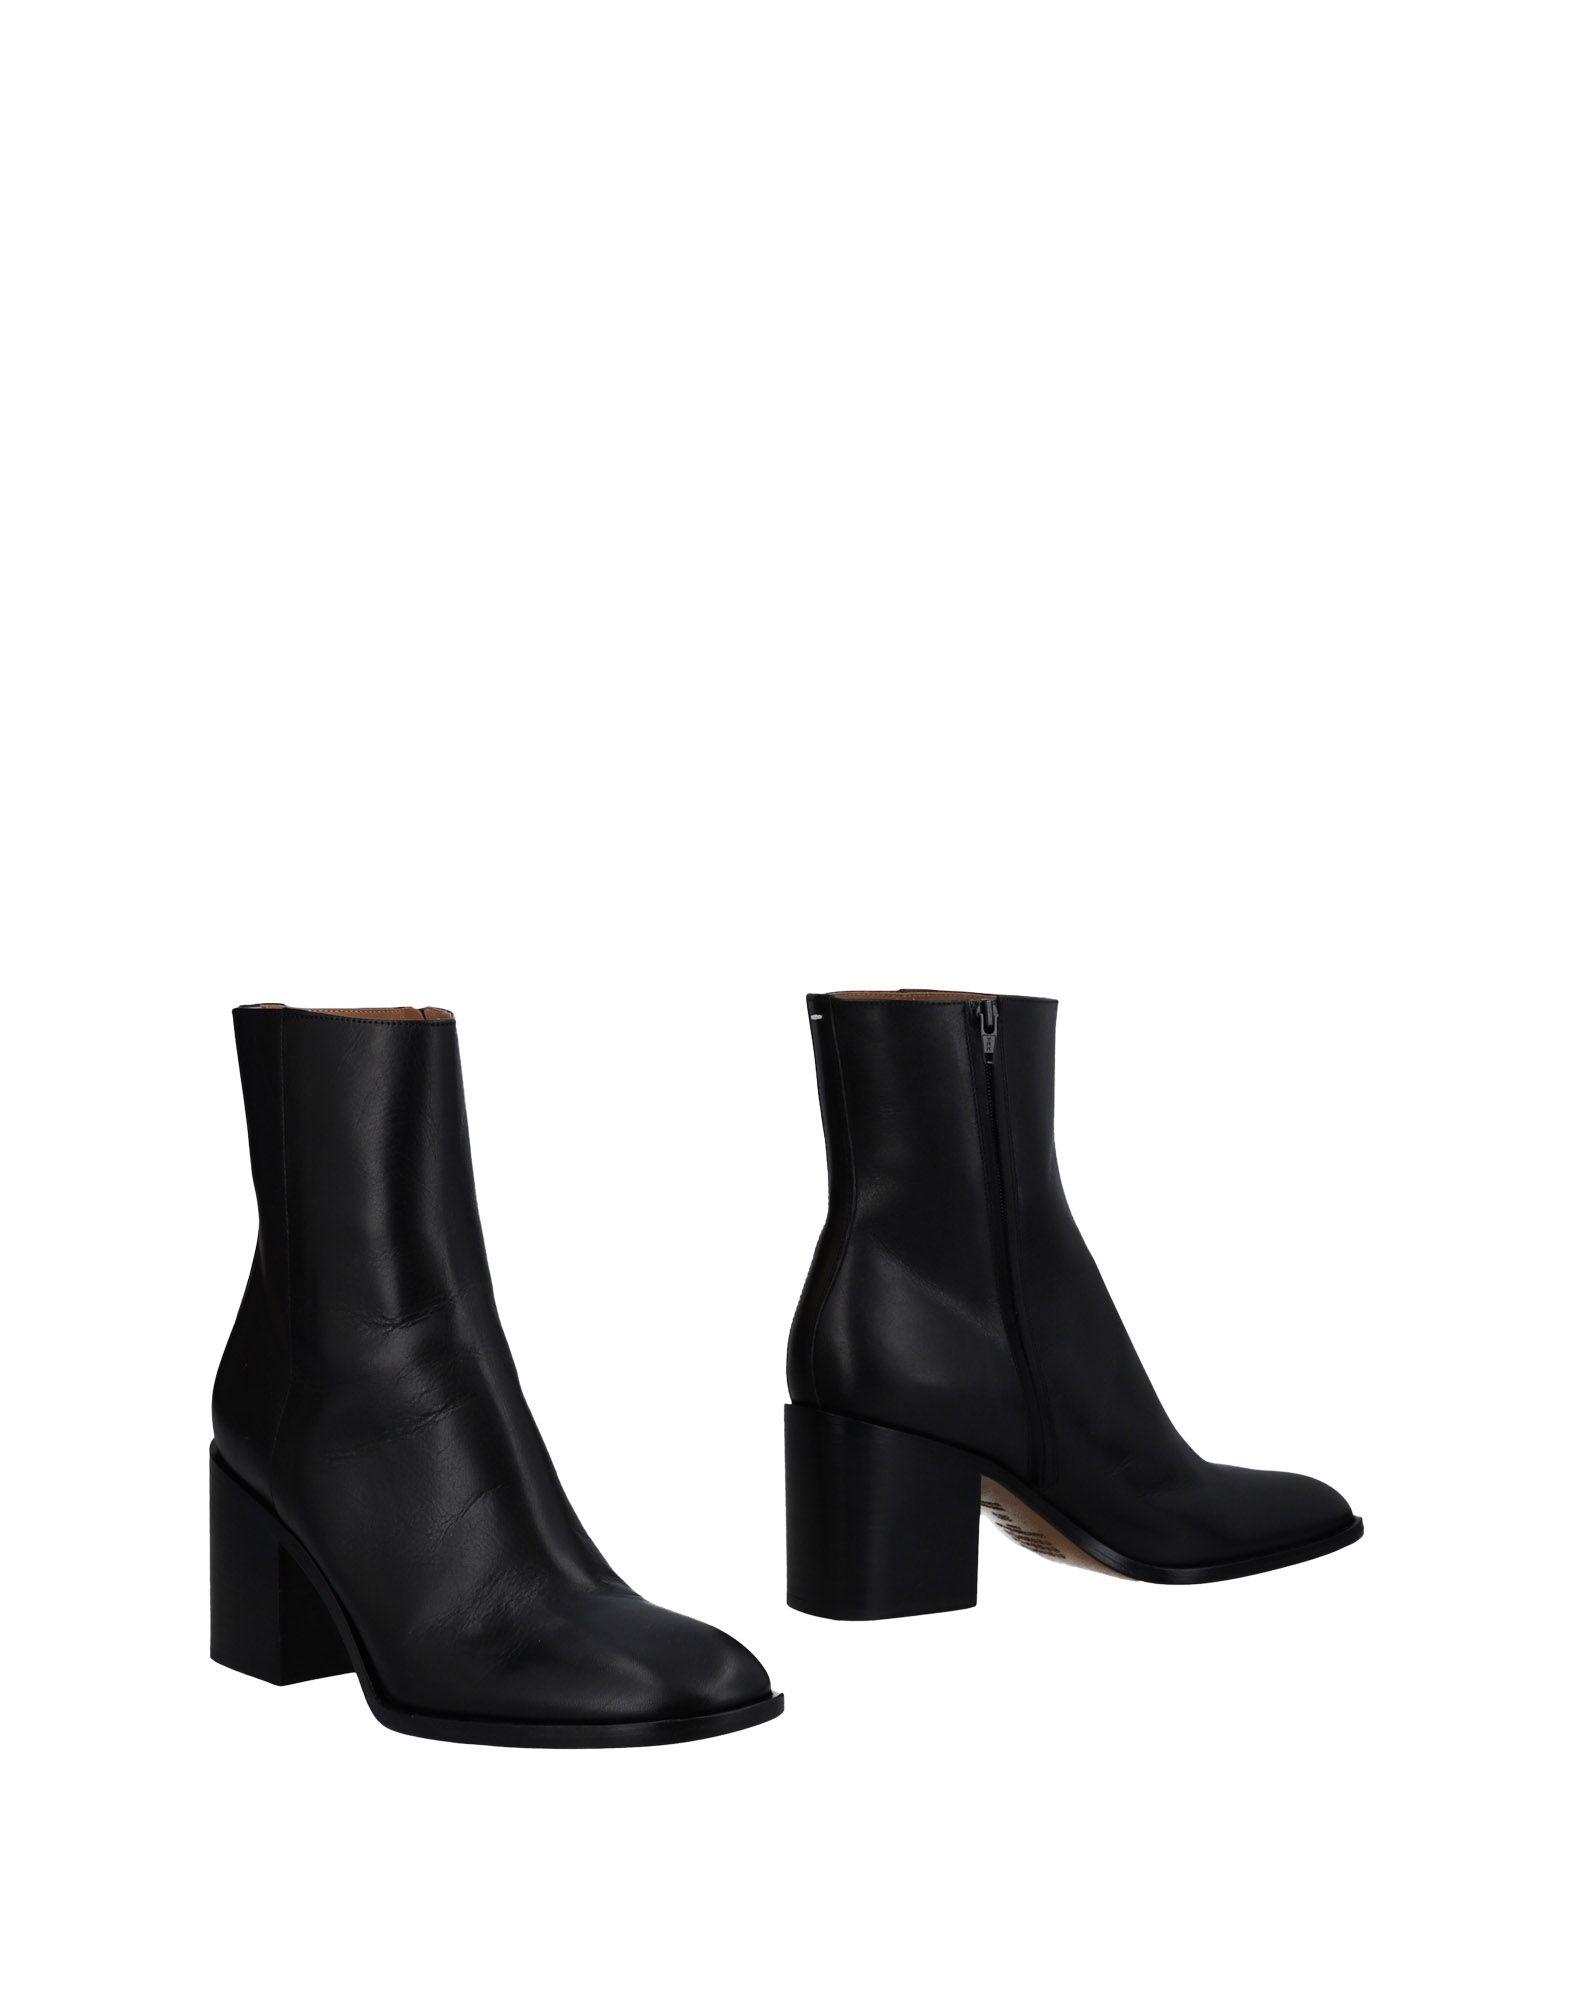 Maison Margiela Margiela Maison Stiefelette Damen  11021341RX Neue Schuhe 9912c9